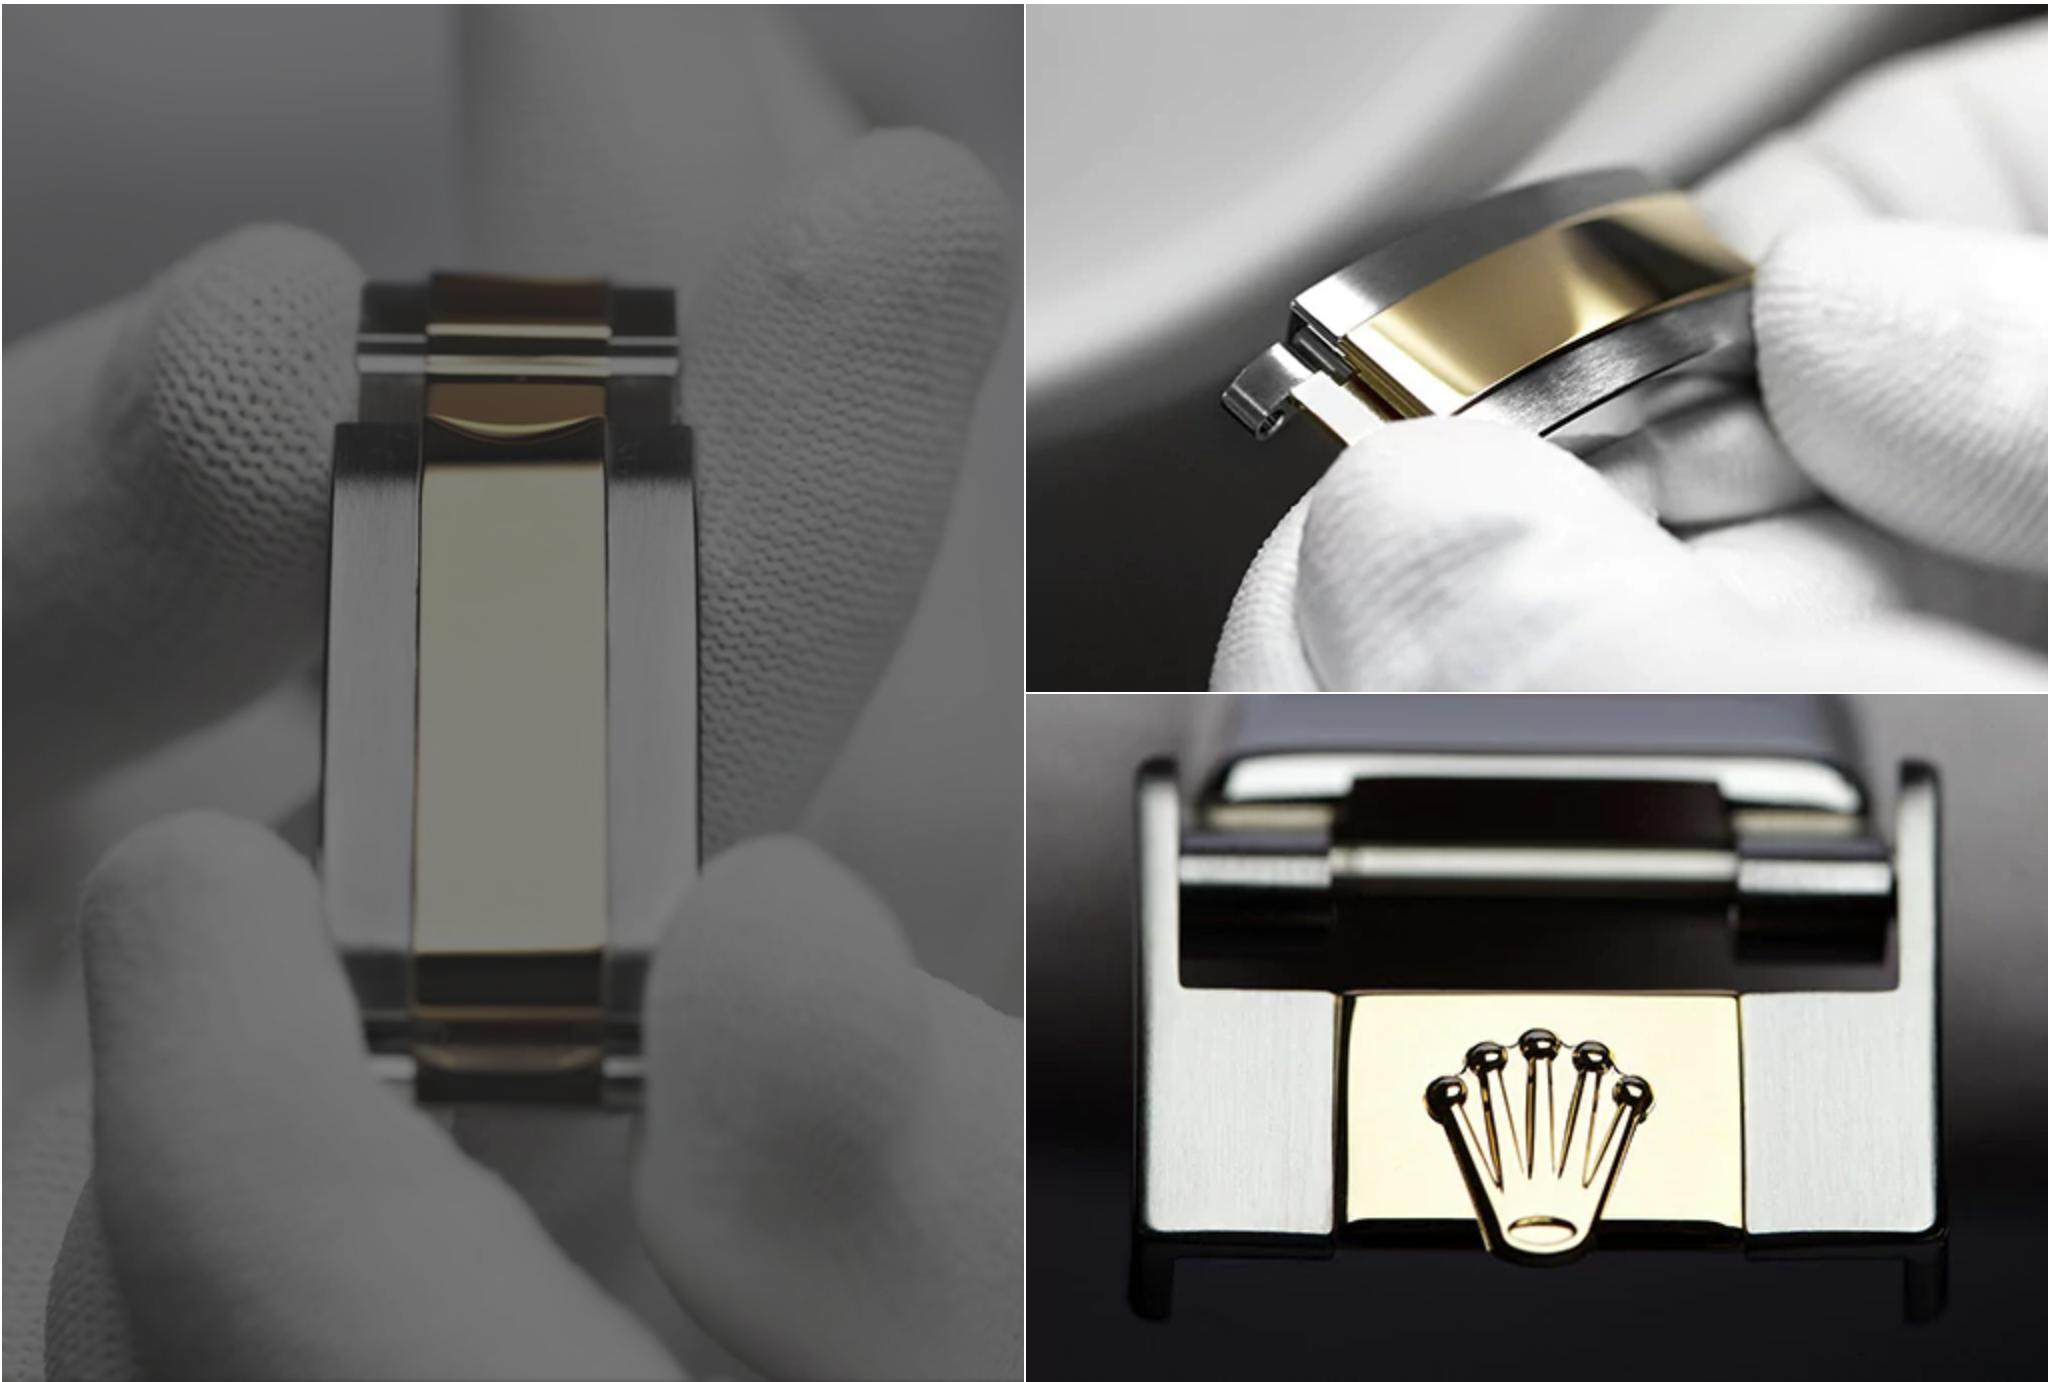 Gioielleria Guardigli revisione completa Rolex